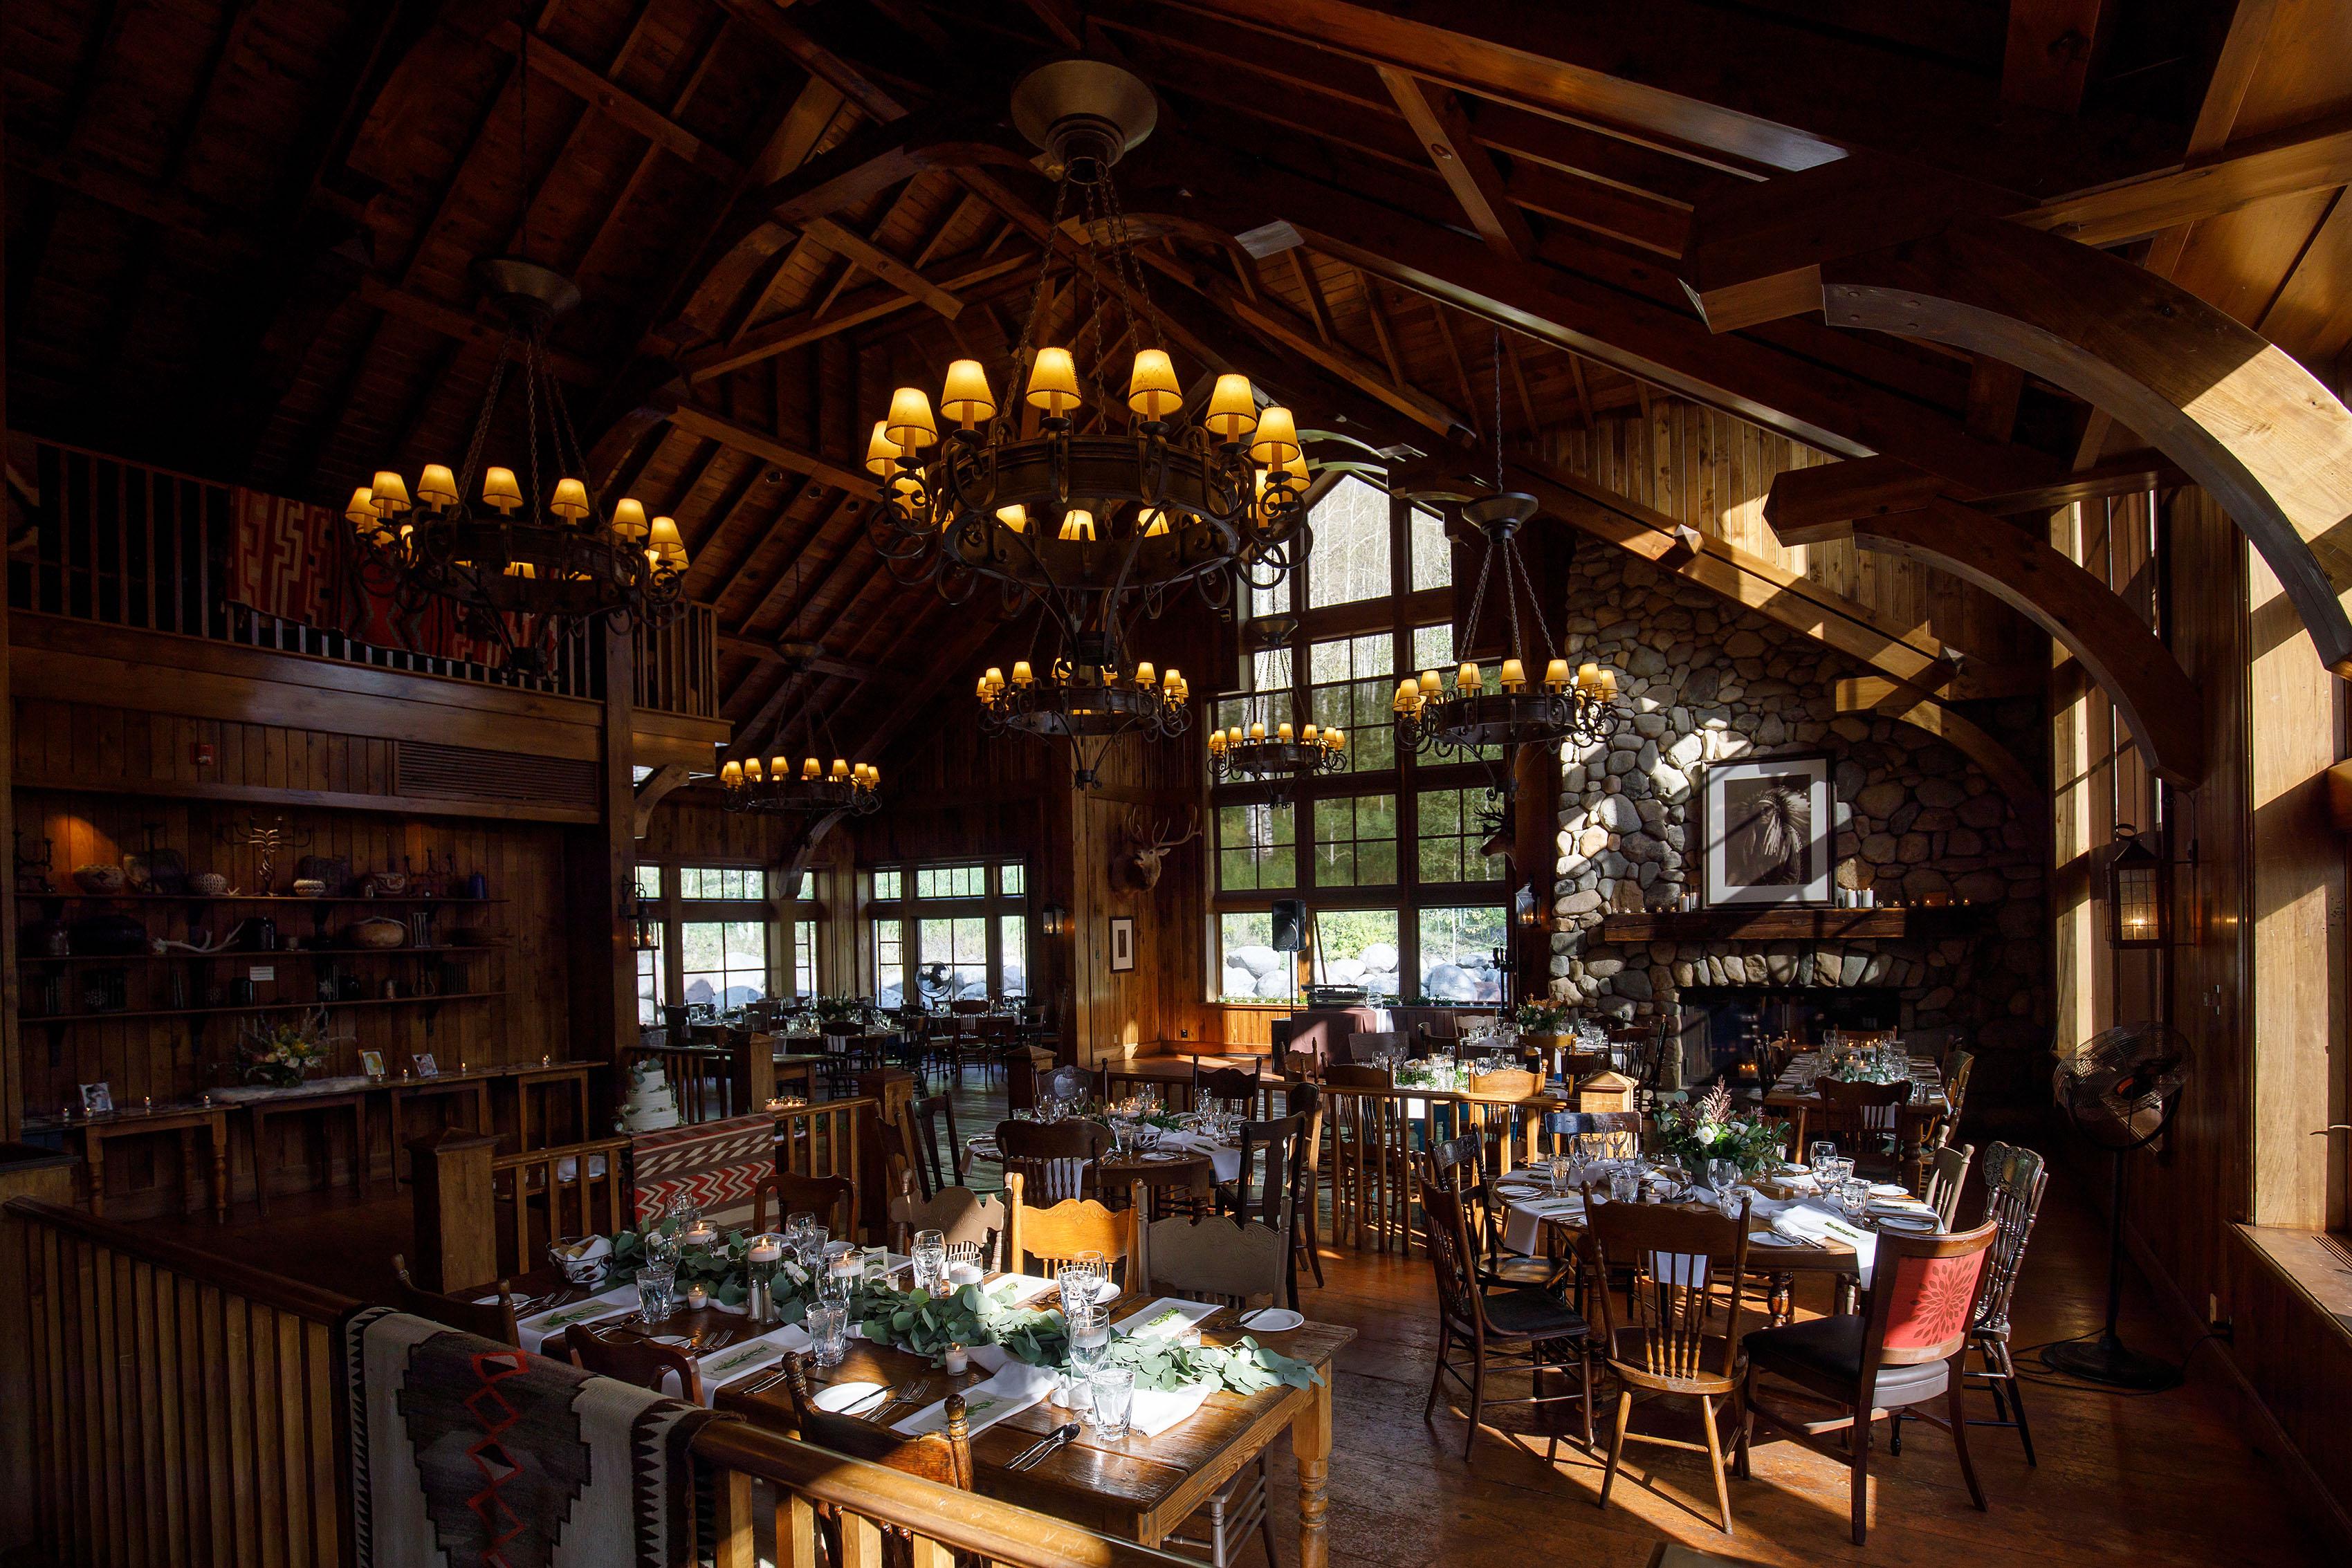 SaddleRidge wedding reception setup